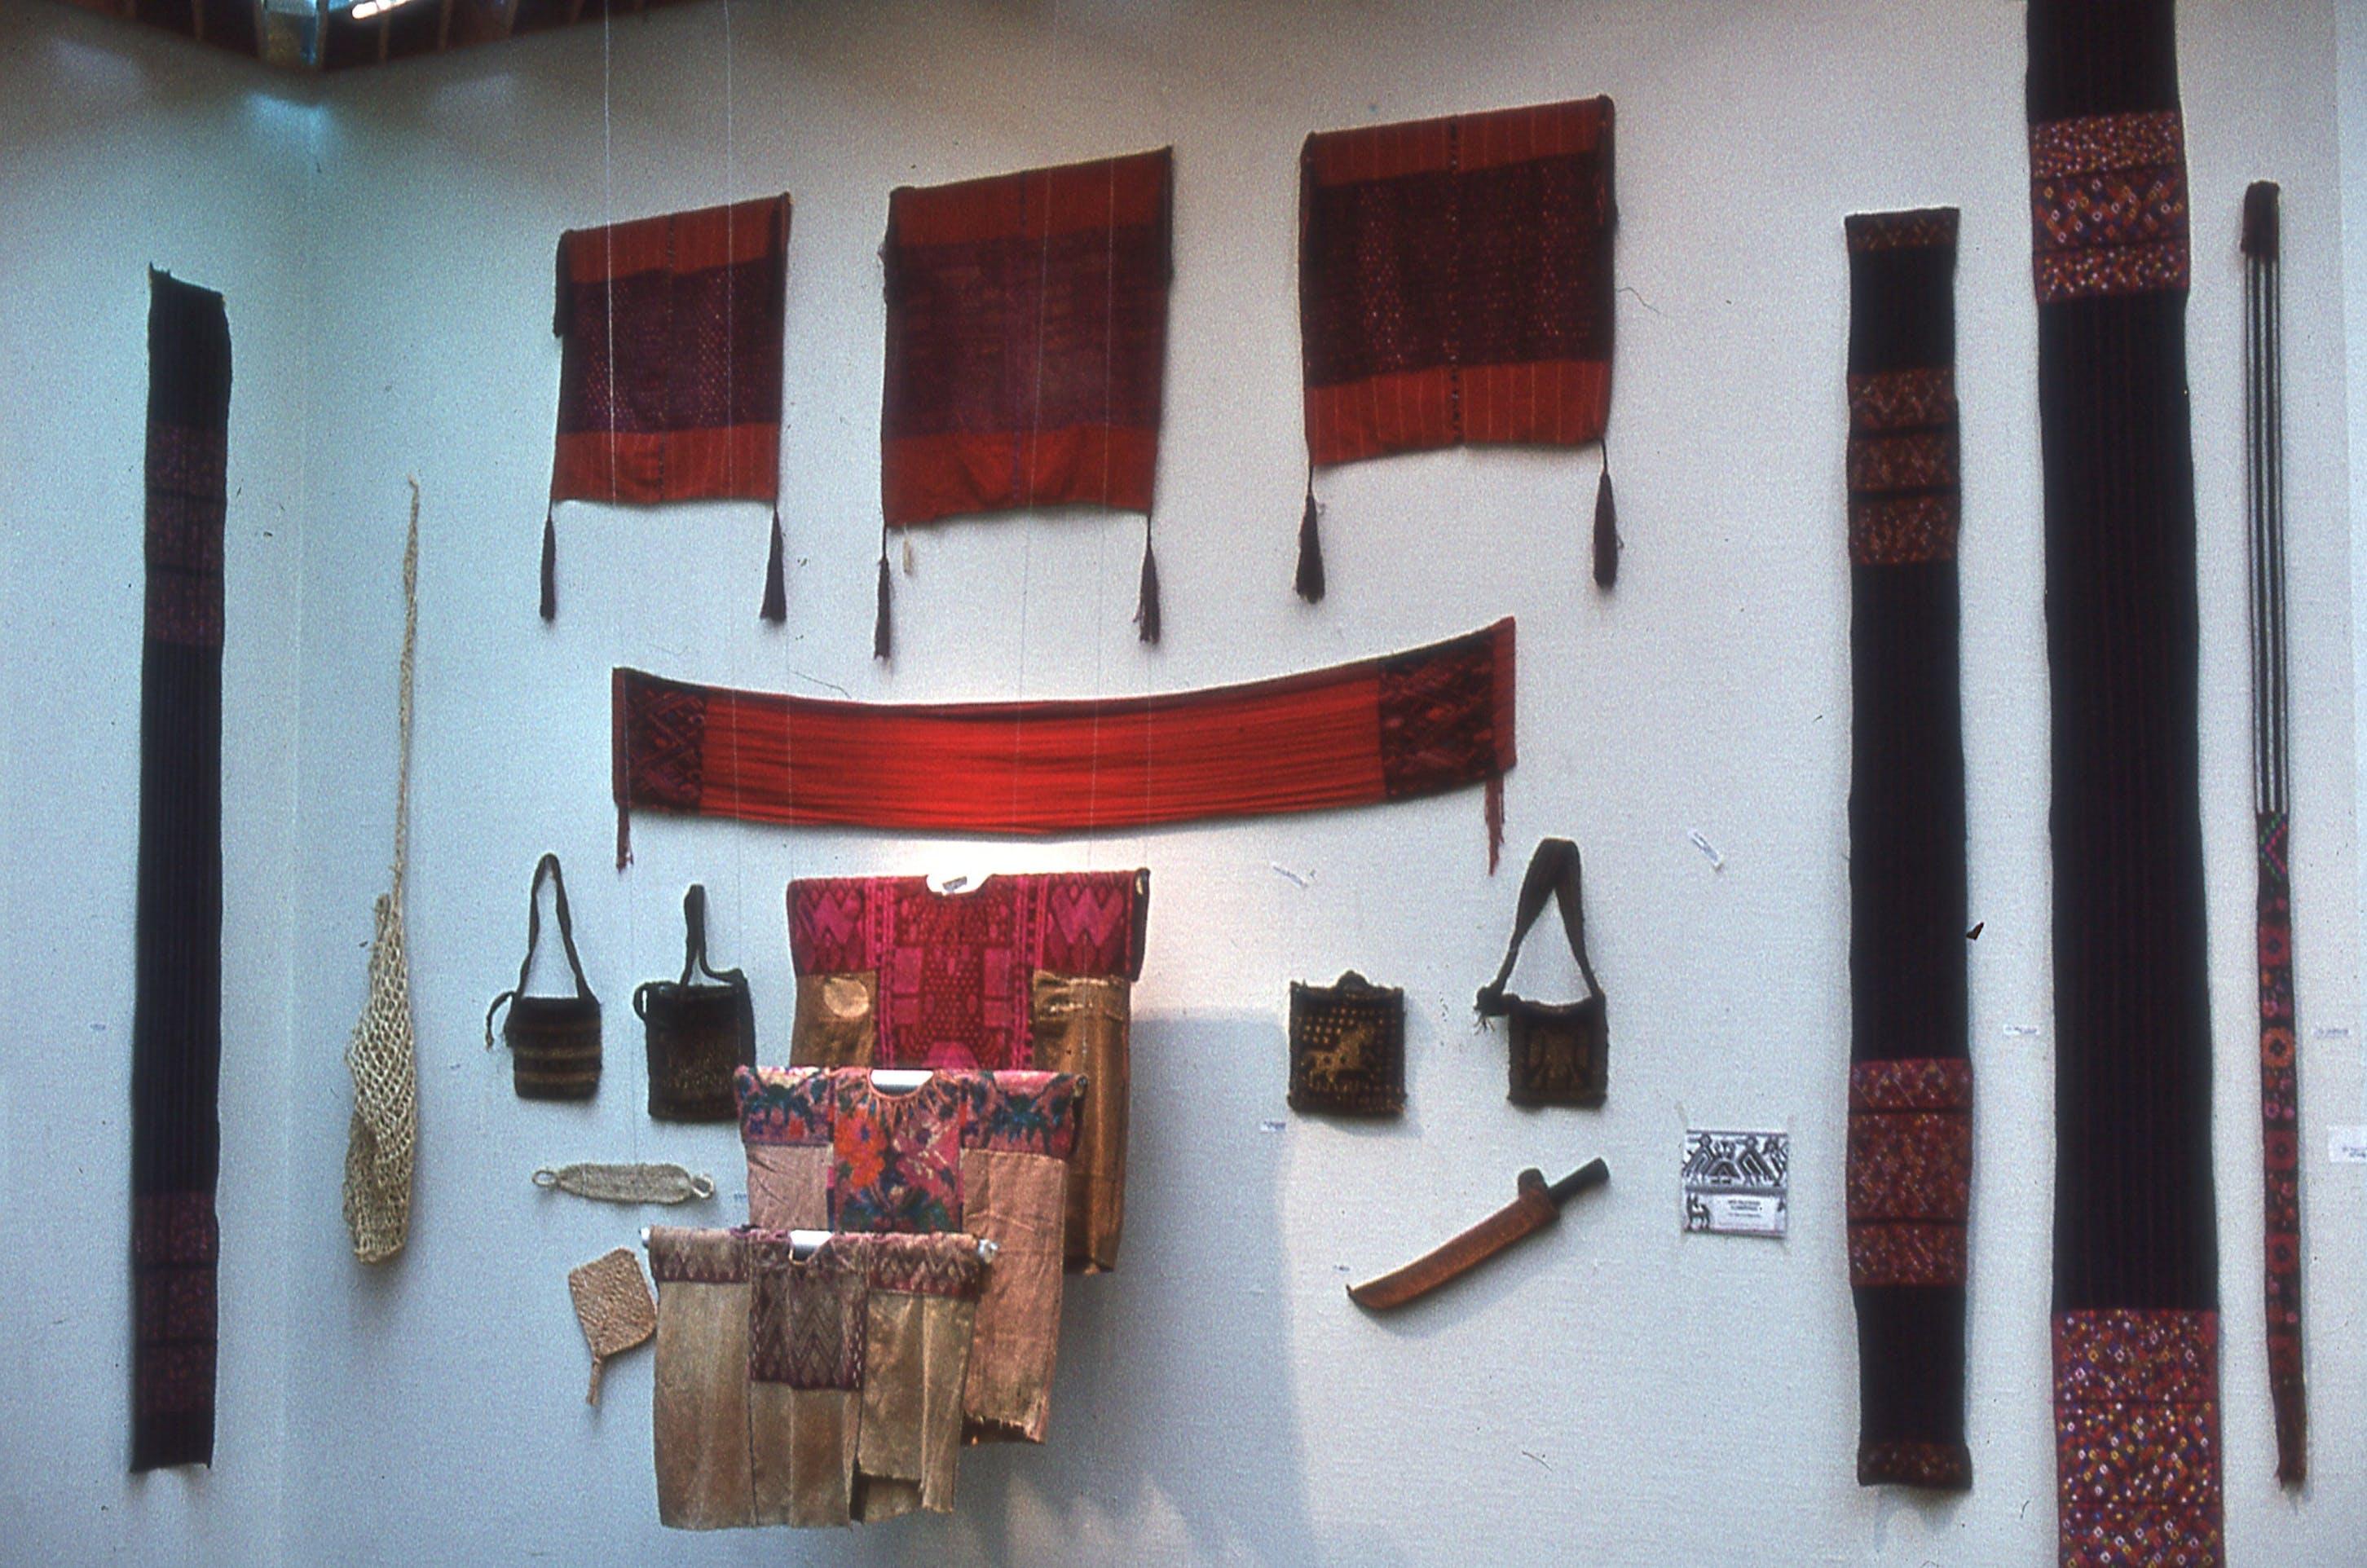 Tekstilerguatemala011